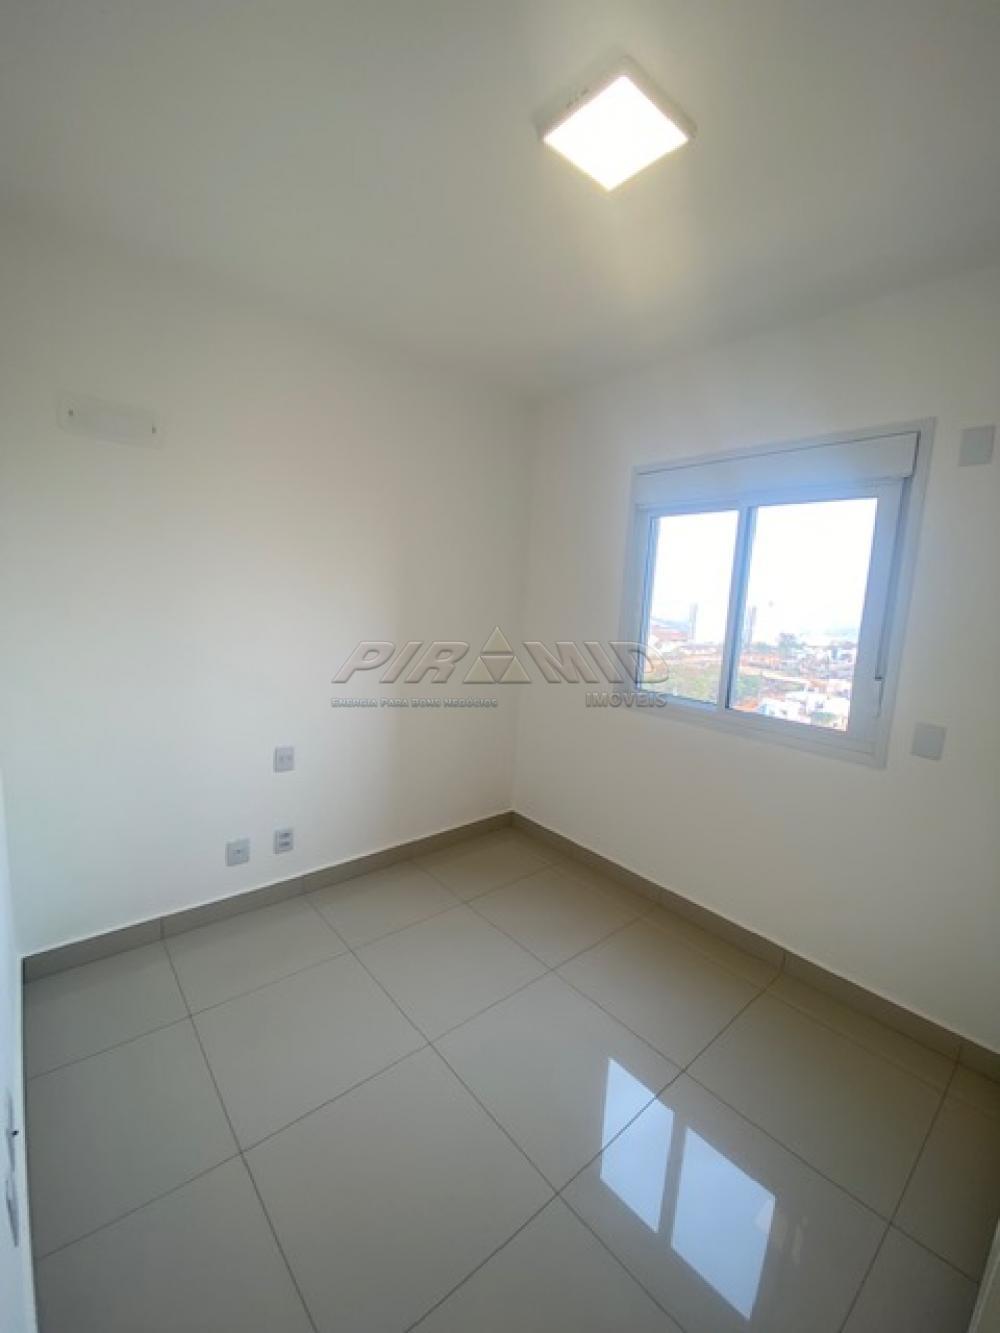 Alugar Apartamento / Padrão em Ribeirão Preto R$ 2.990,00 - Foto 9